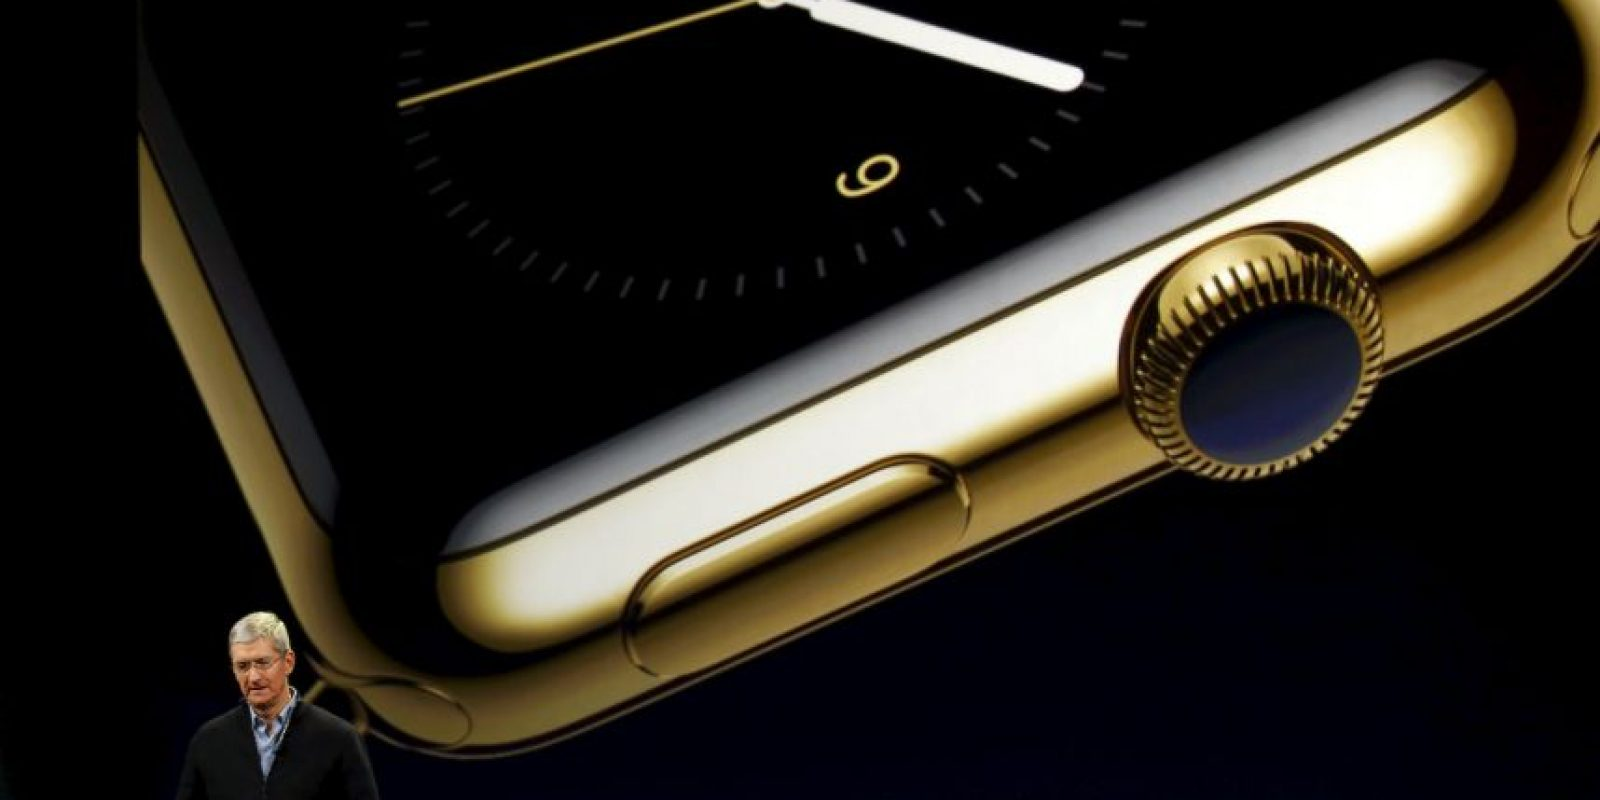 Aún no se confirma la noticia, pero de acuerdo a 9to5mac el trato de los empleados de Apple dependerá de qué reloj comprarán los usuarios. Foto:Getty